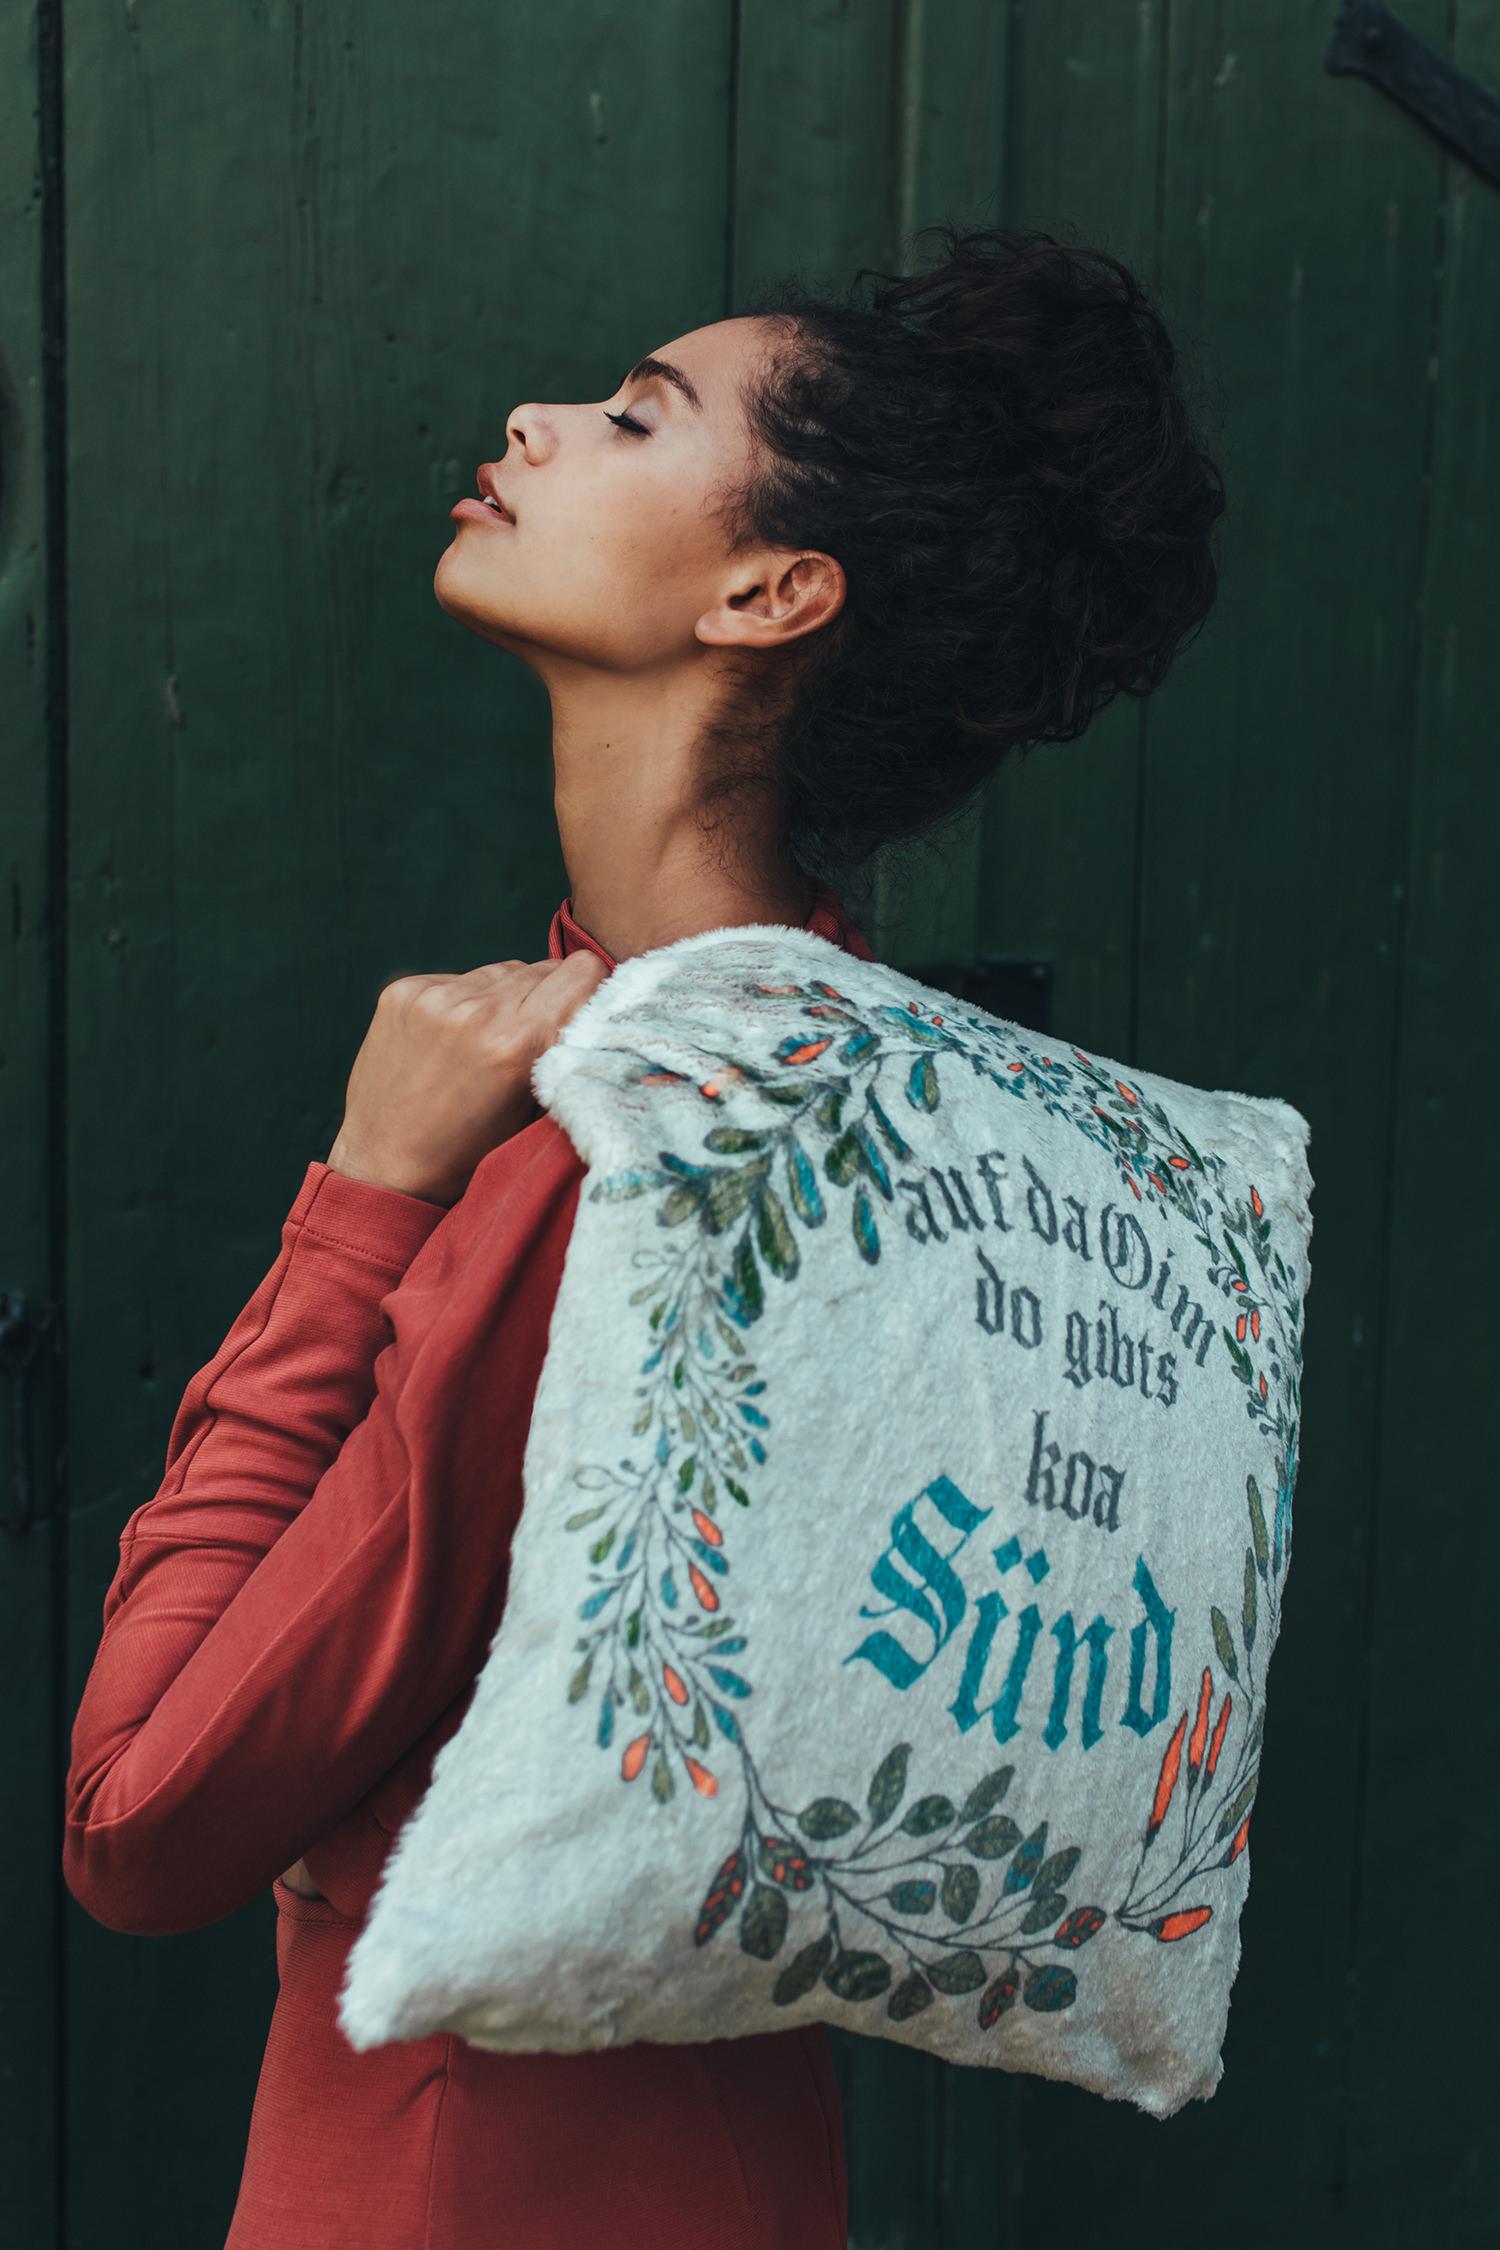 Werbekampagne-PAD-Concept-Fotograf-Anna-Fichtner-O9